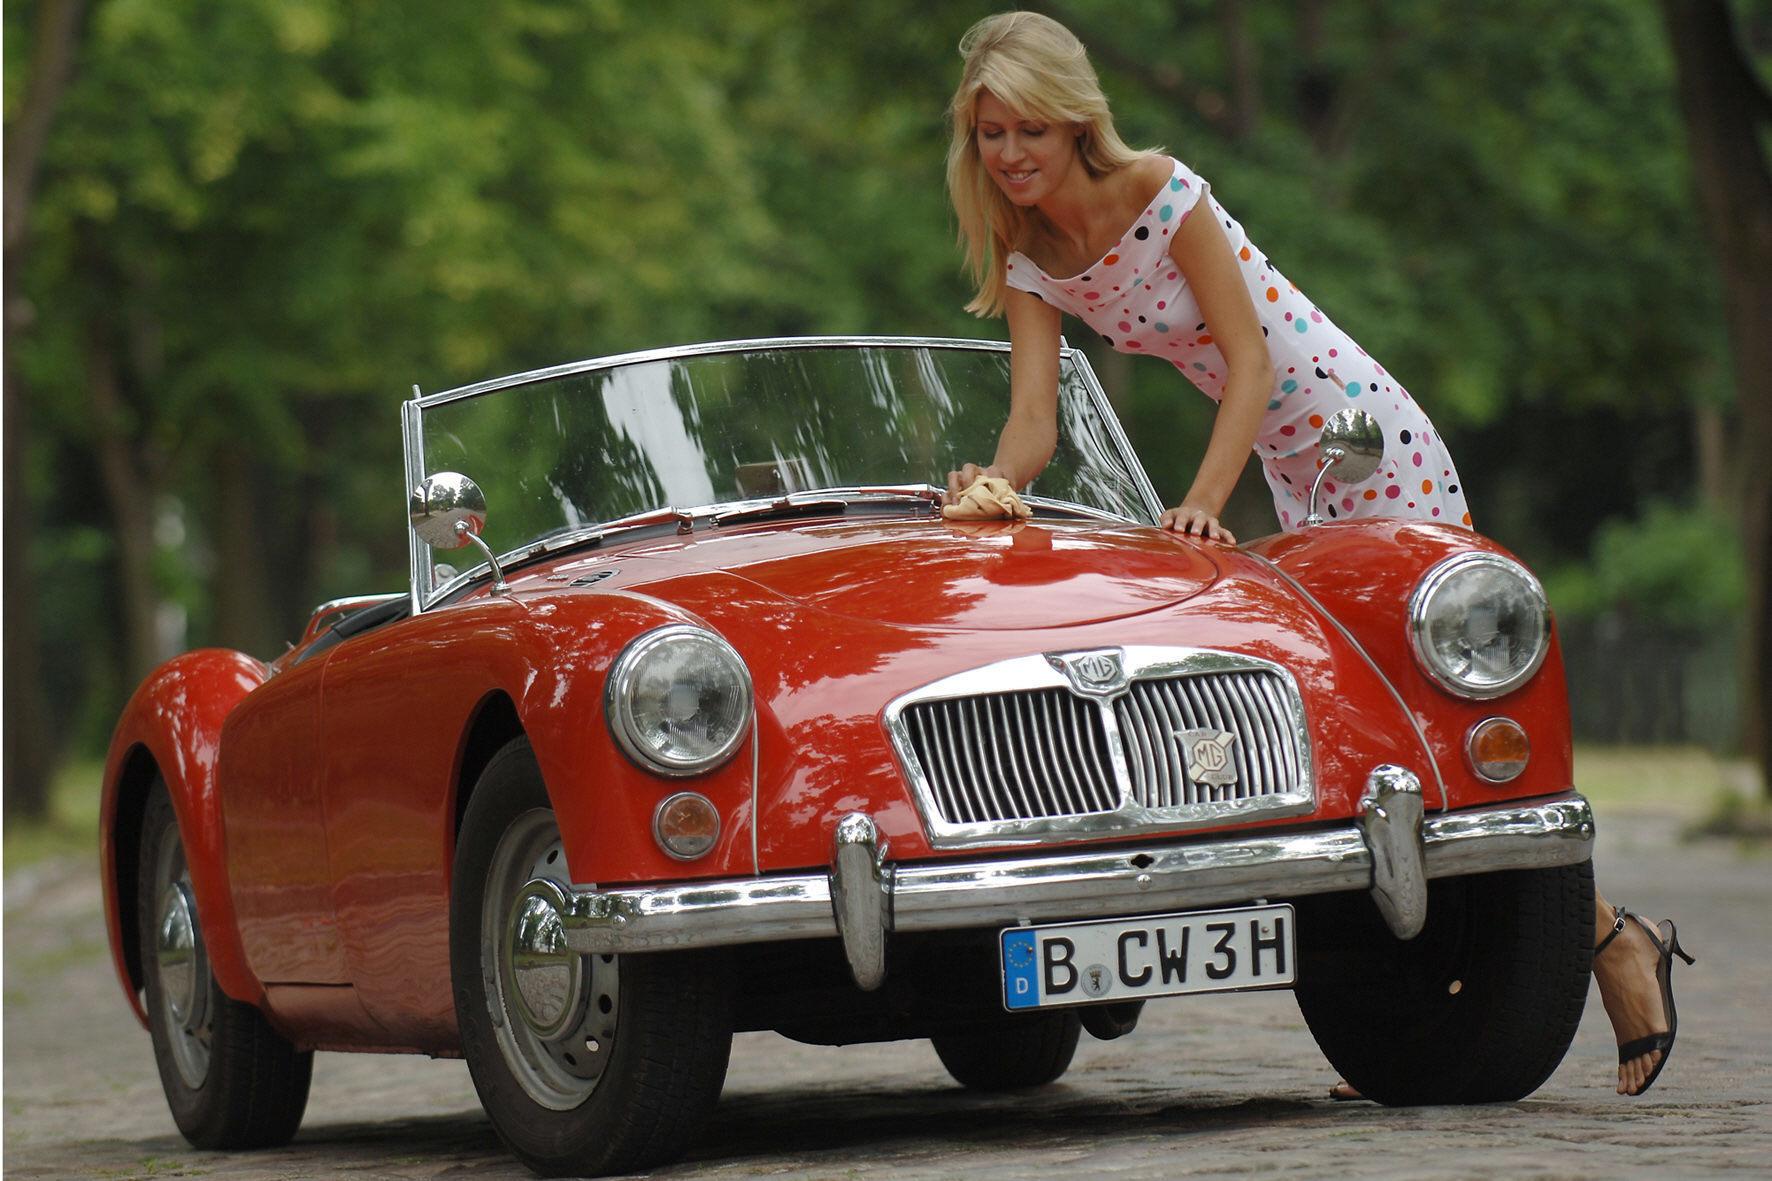 mid Groß-Gerau - So ist es richtig: Die Autoscheiben werden beim Frühjahrsputz von außen und innen gereinigt